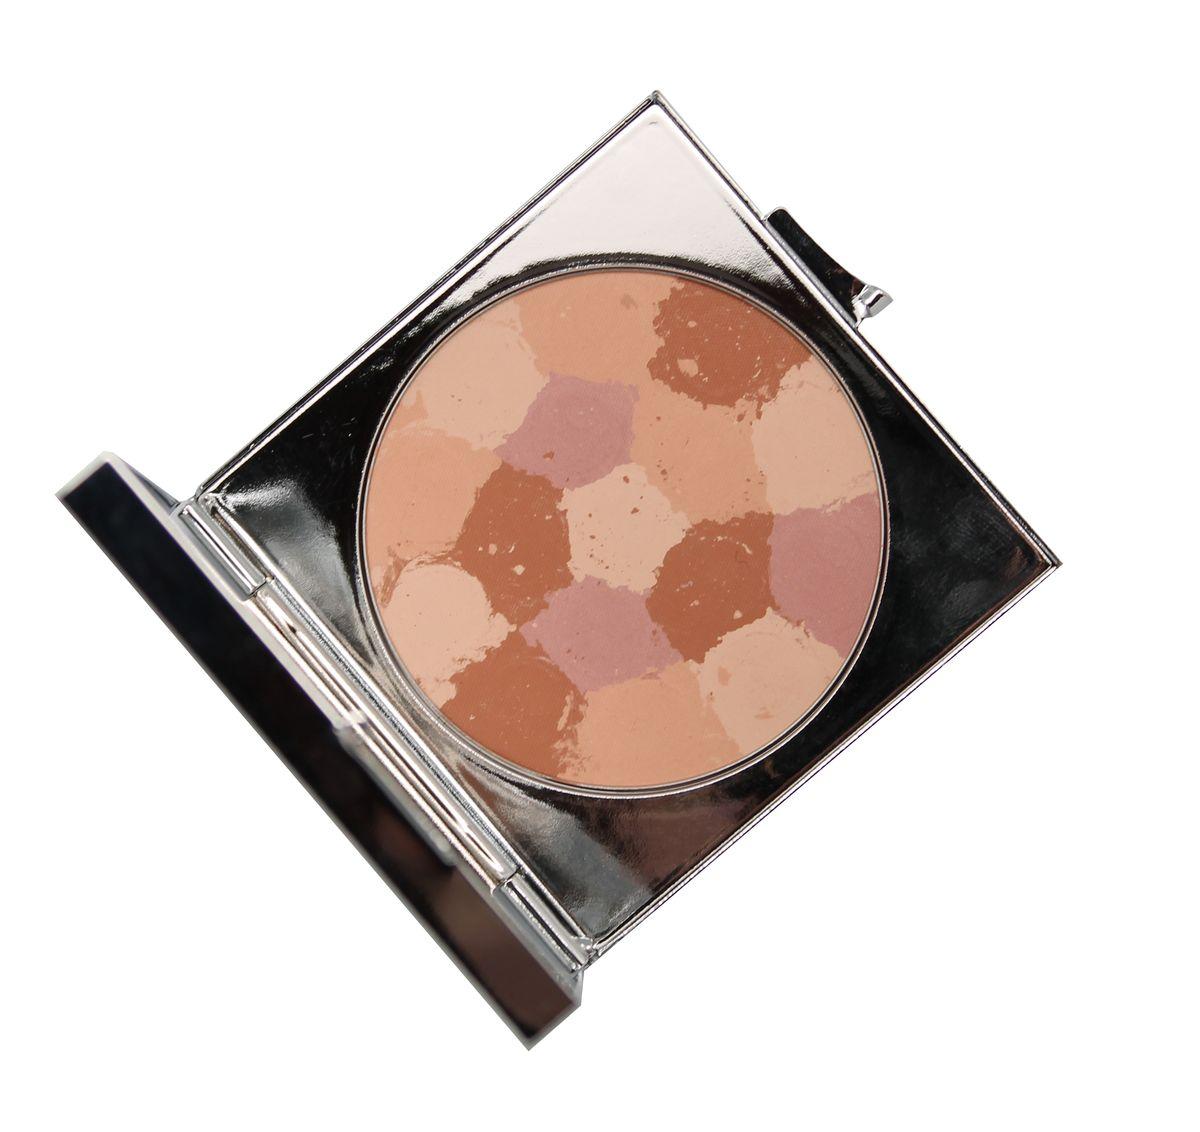 YZ Румяна Muiti Colour, тон 21, 10 г3821Cмешение четырех оттенков позволяет получить разные эффекты от макияжа. Румяна состоят из матовых и перламутровых оттенков с корректирующими и светоусиливающими свойствами, придают сияние коже любого типа: розовый освежает цвет лица, сиреневый нейтрализует любые несовершенства кожи желтого и коричневого оттенков: веснушки, пигментные и родимые пятна. Белый придает яркость, лиловый улавливает свет, золотистый и перламутровый придают коже